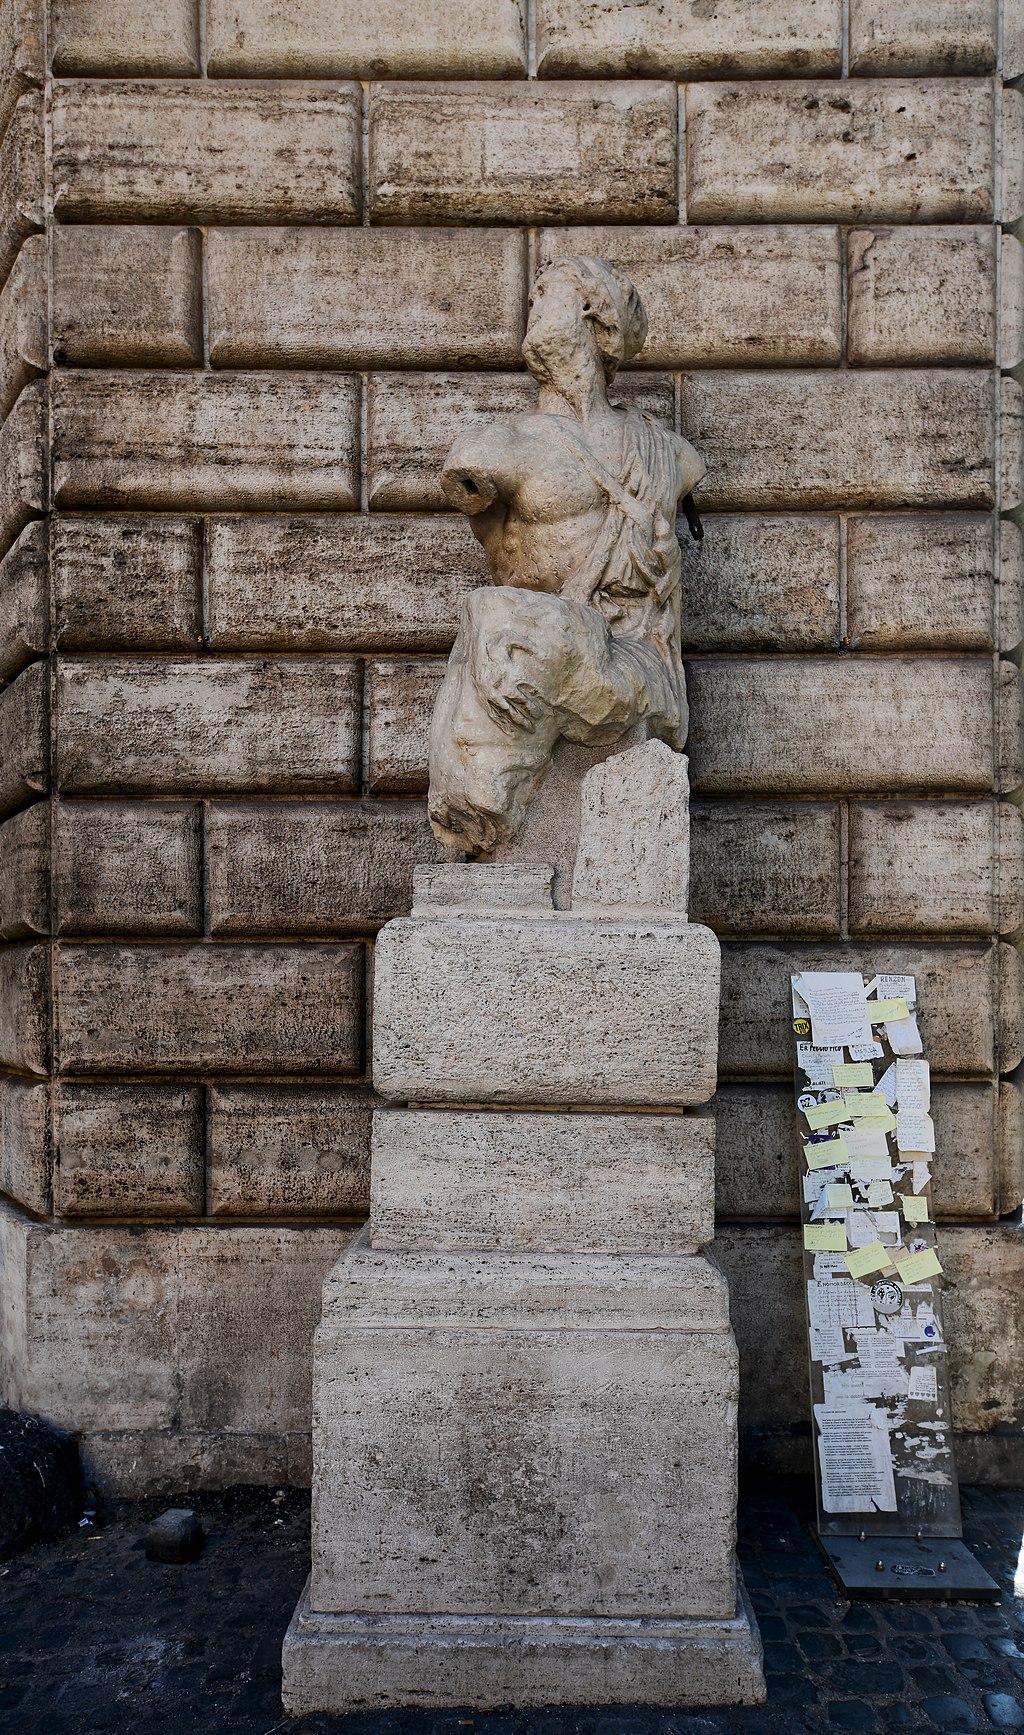 La statua di Pasquino, III secolo a.C., Piazza Pasquino, Roma